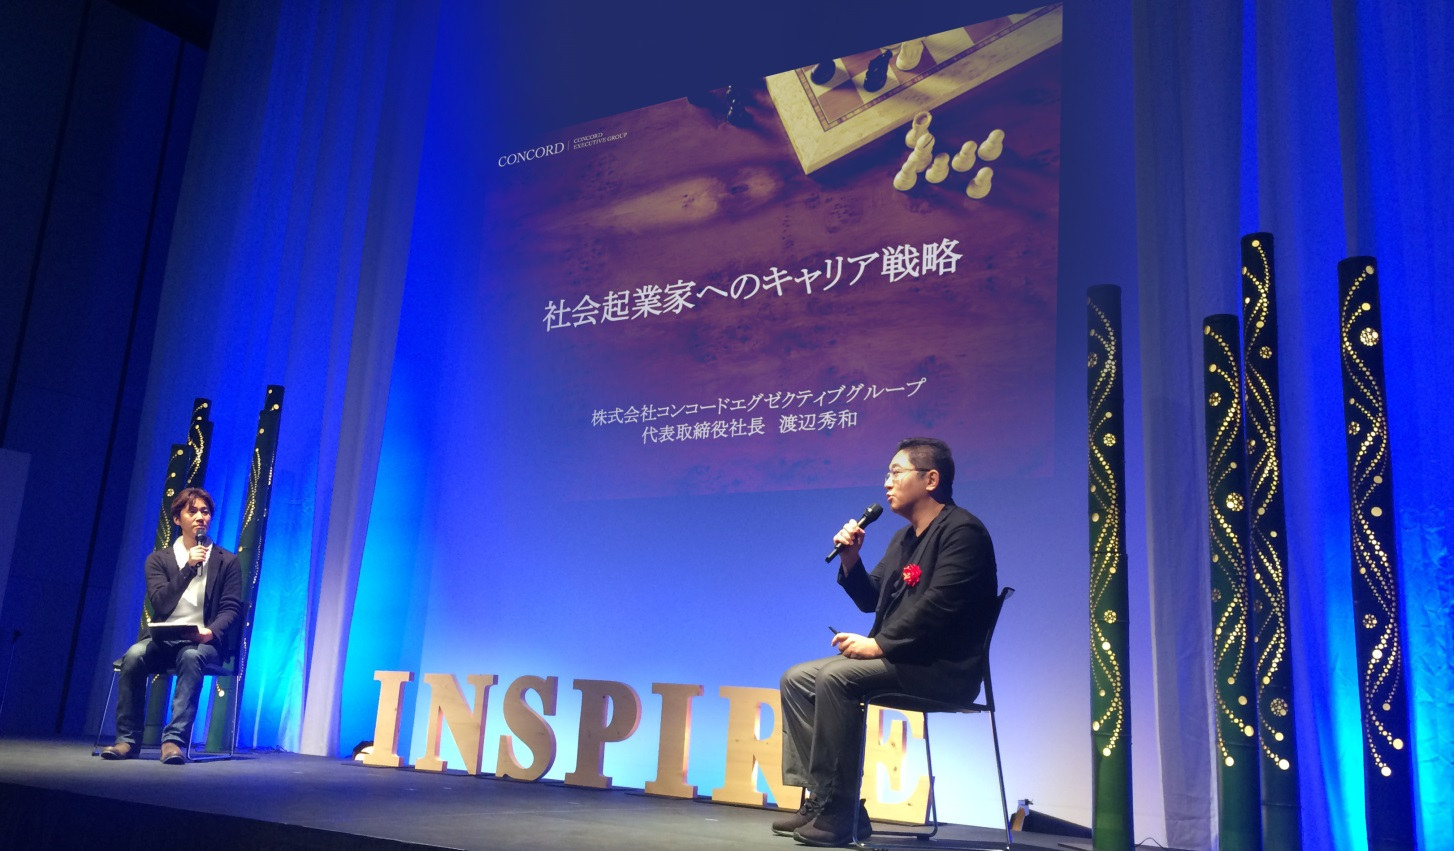 INSPIRE2017に登壇するコンコード渡辺